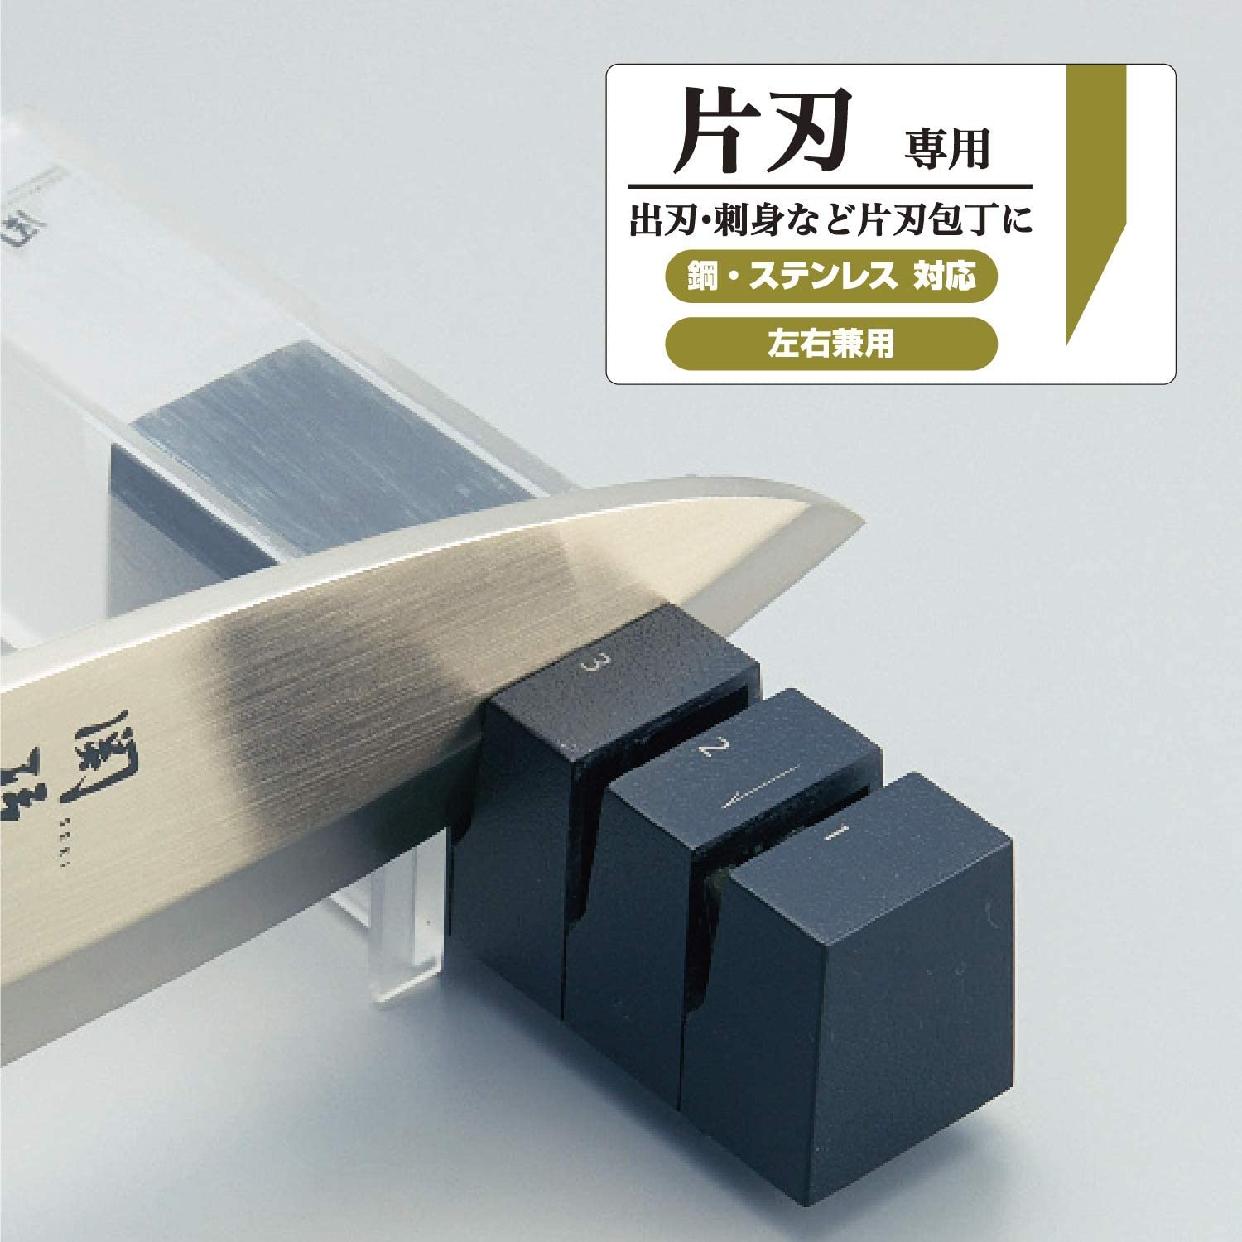 関孫六(セキノマゴロク)ダイヤモンド&セラミックシャープナー片刃用 AP0162の商品画像2